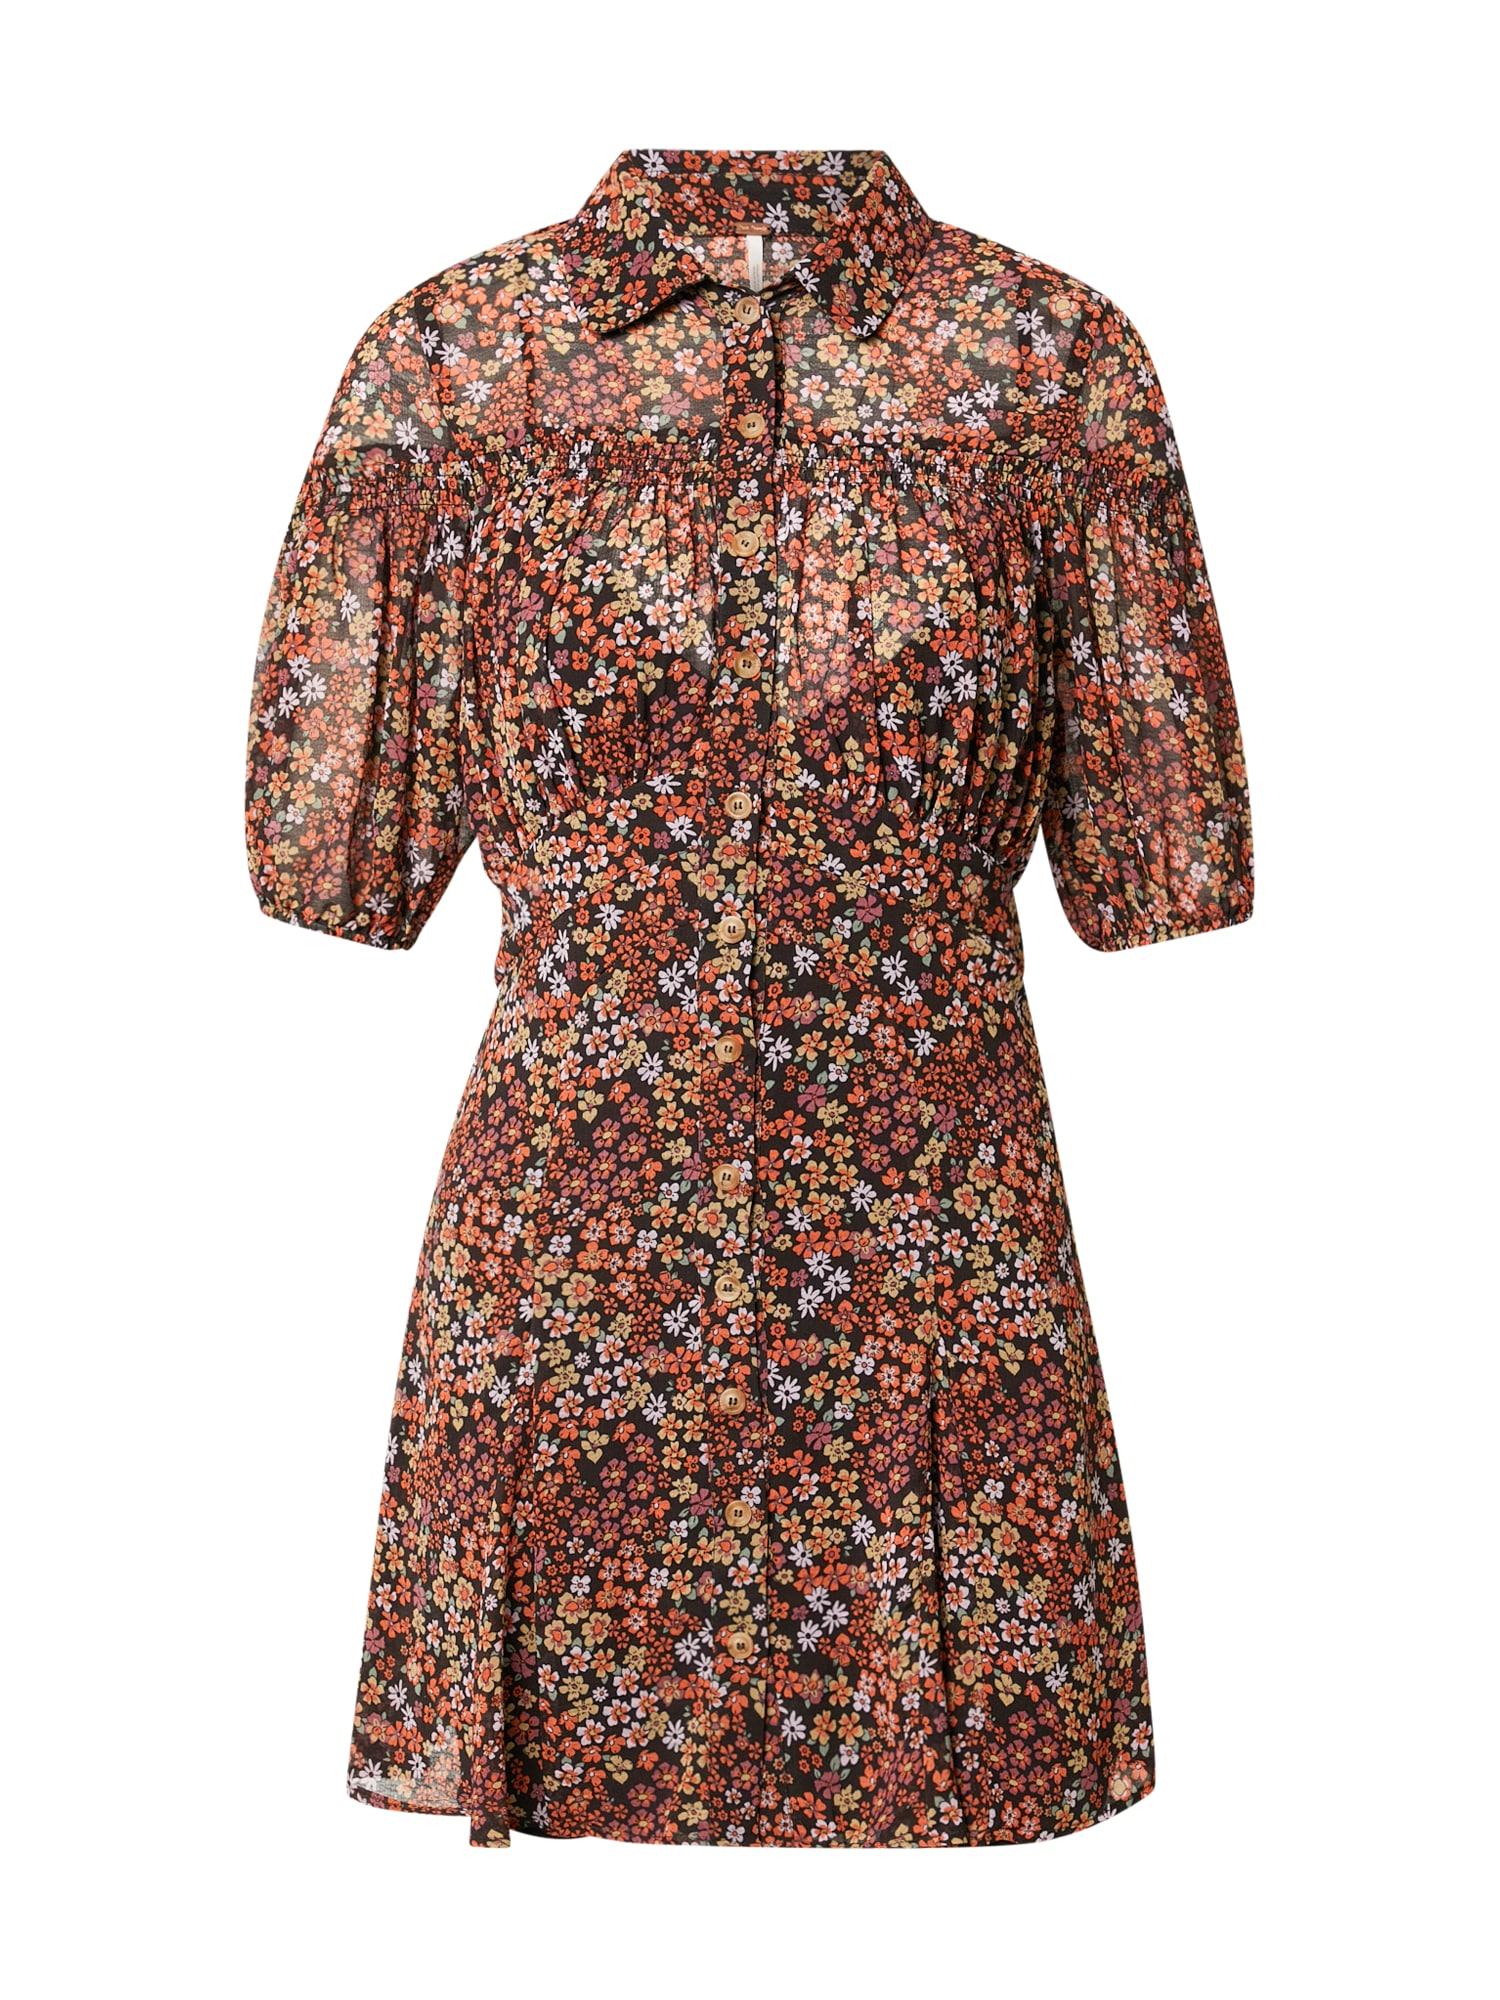 Free People Košilové šaty 'BONNIE'  černá / oranžová / bílá / zelená